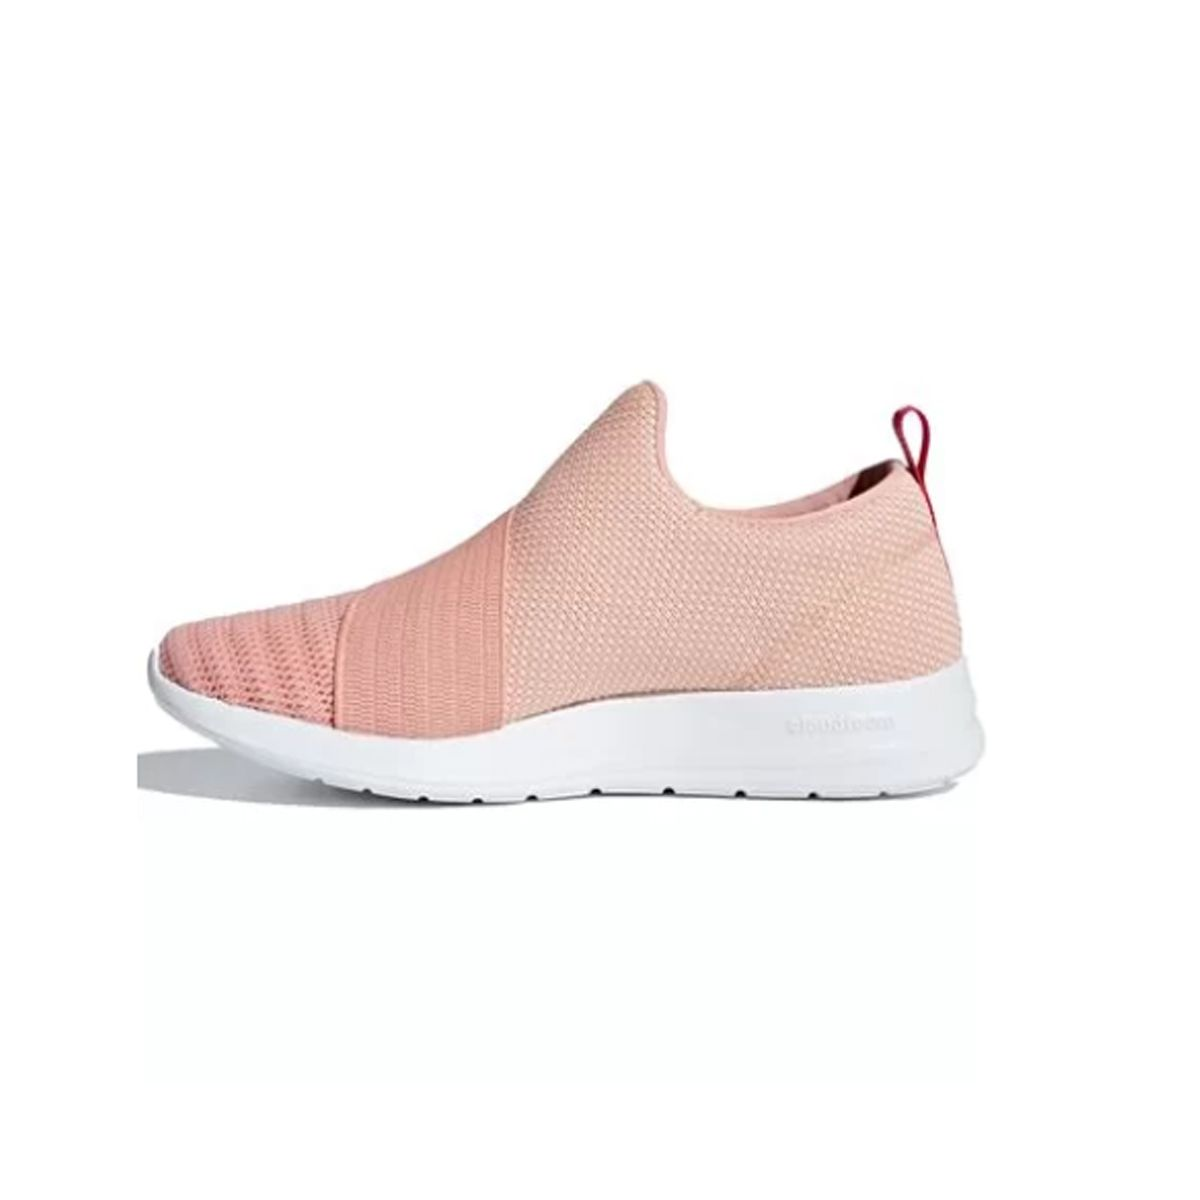 Tênis Adidas Refine Adapt W Feminino